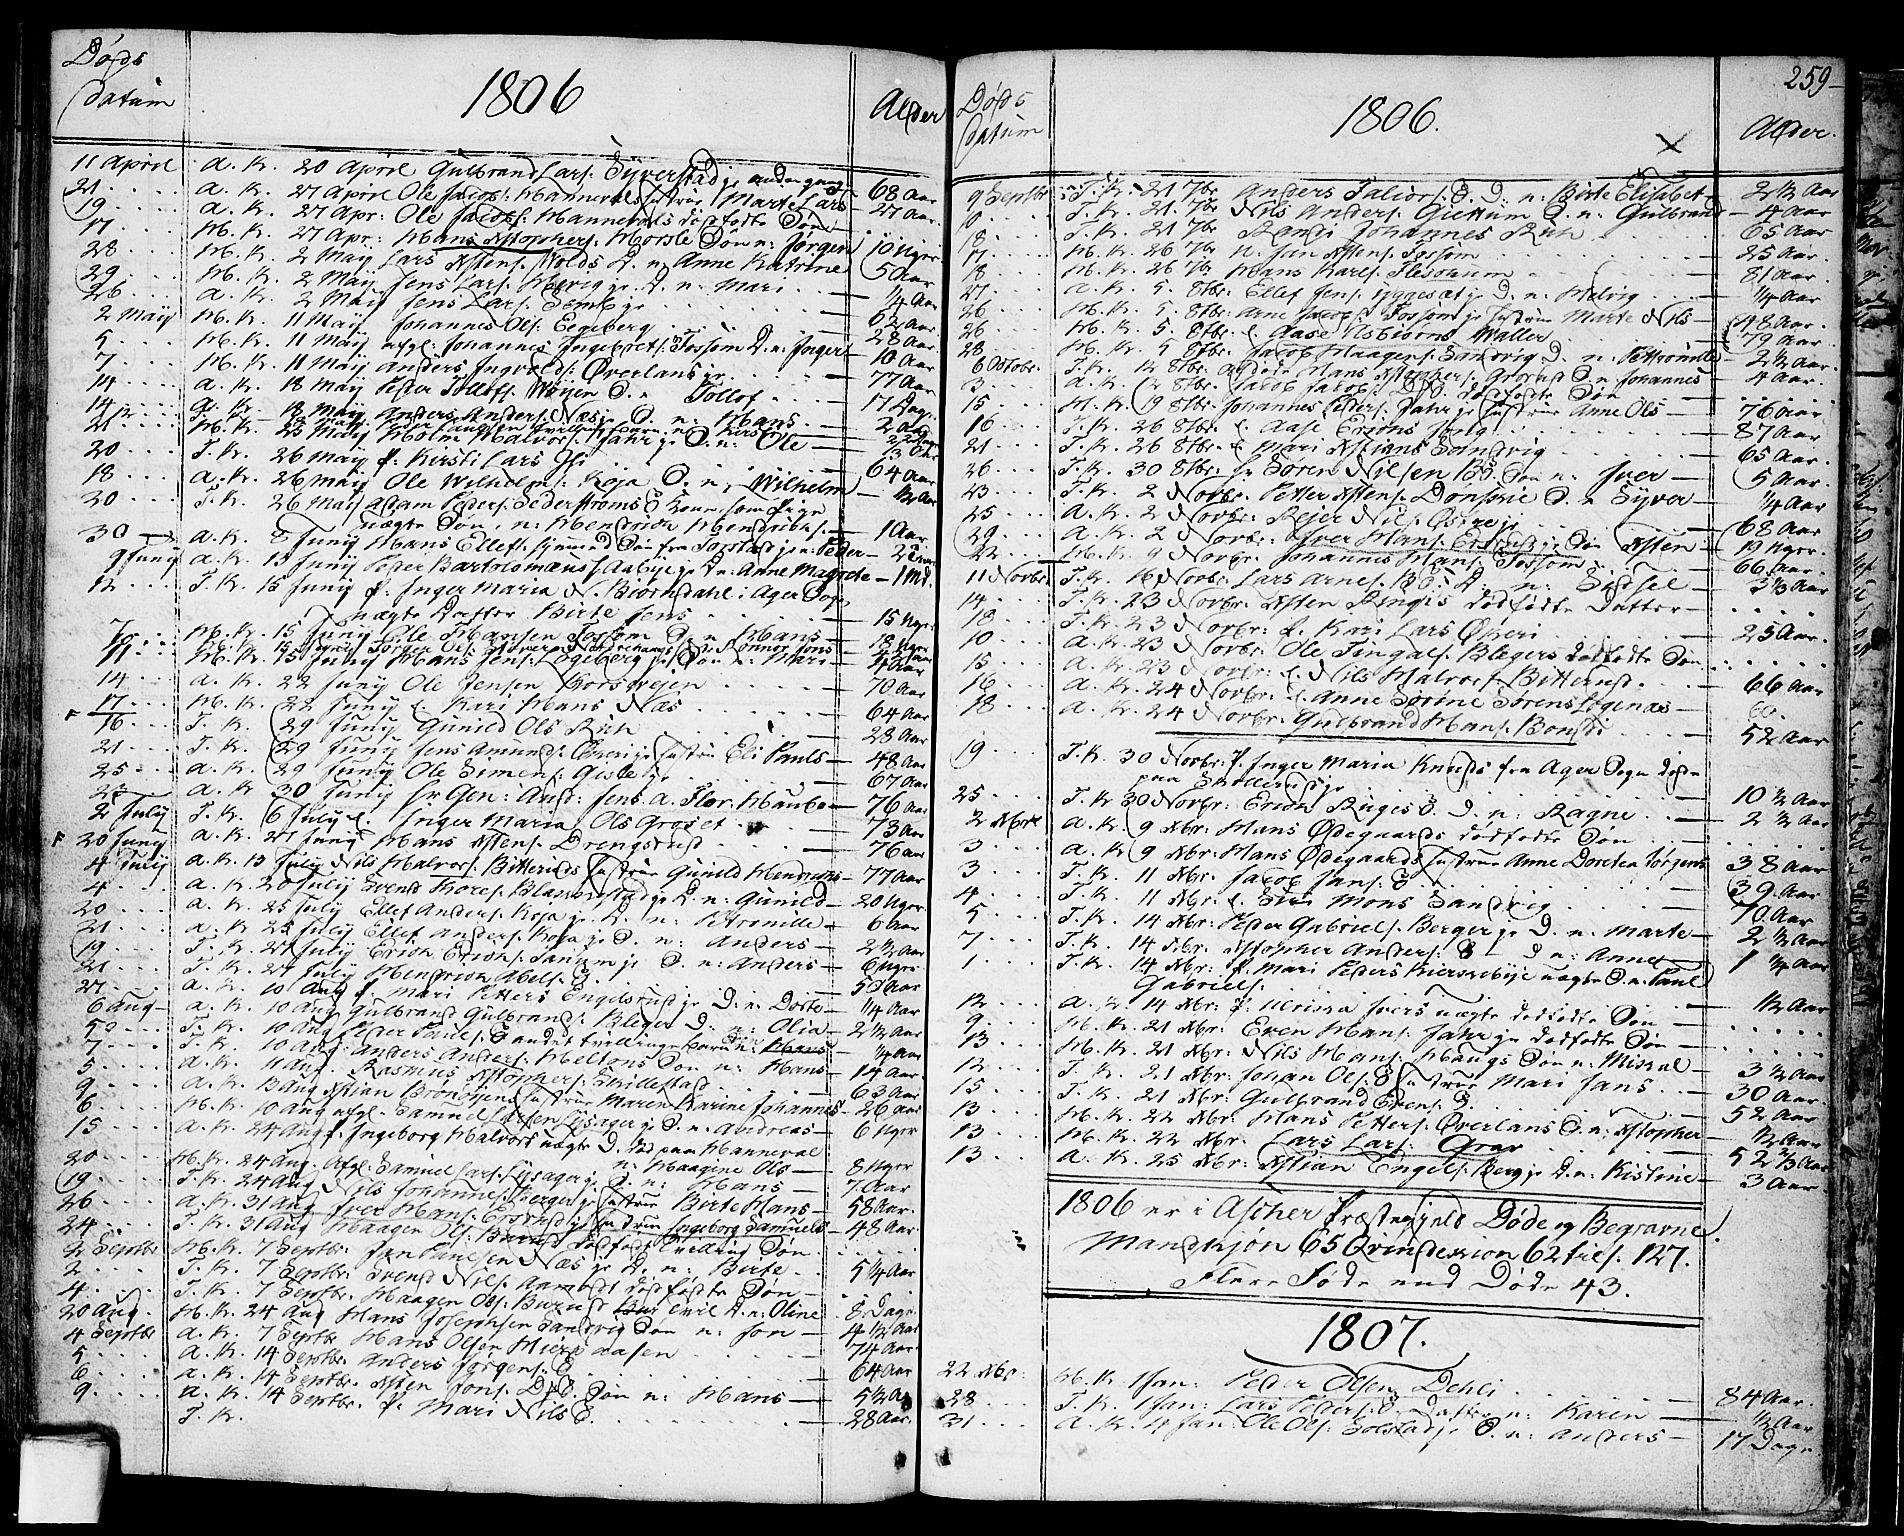 SAO, Asker prestekontor Kirkebøker, F/Fa/L0003: Ministerialbok nr. I 3, 1767-1807, s. 259